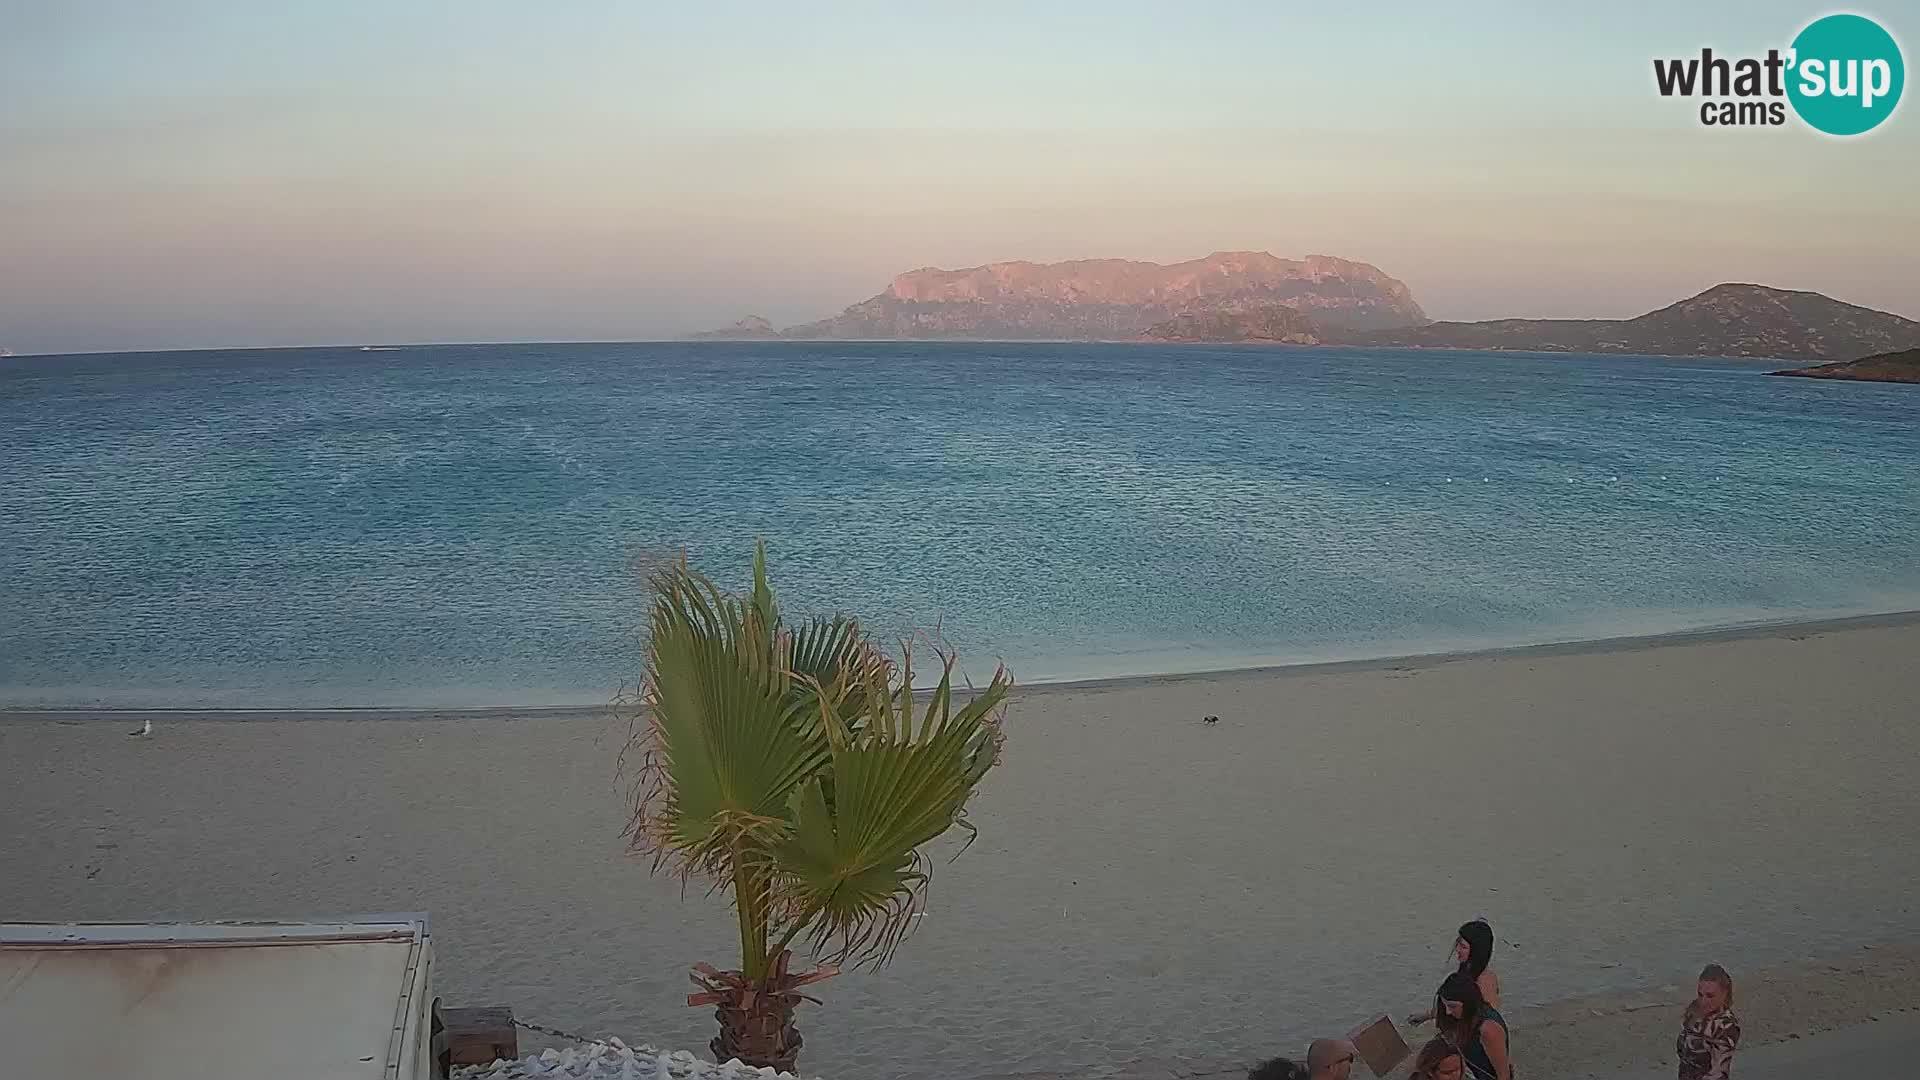 La spiaggia di Pittulongu live webcam Olbia – Sardegna